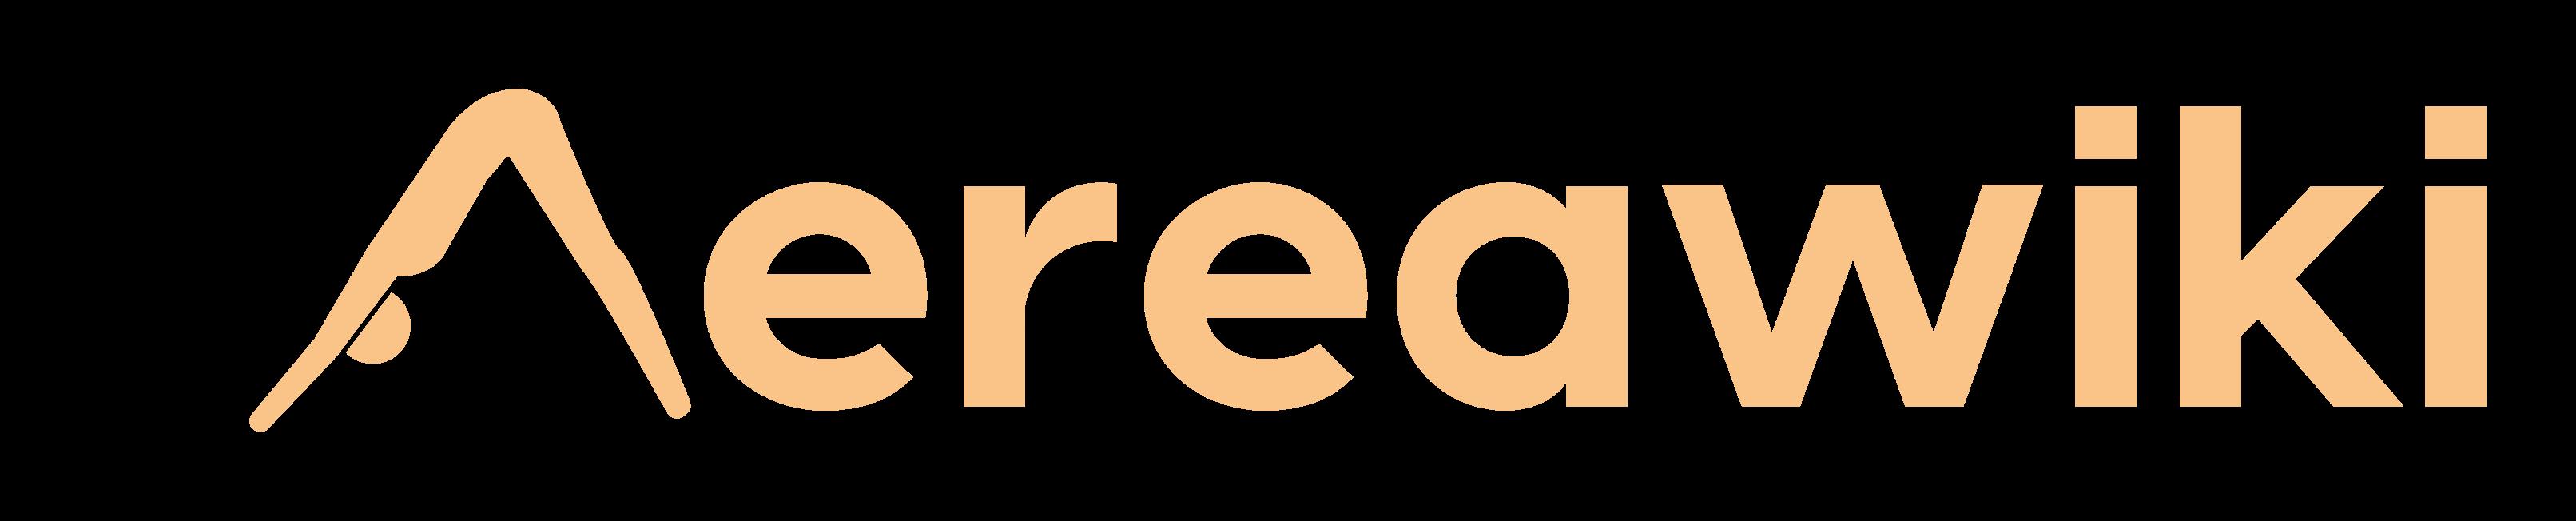 Aereawiki